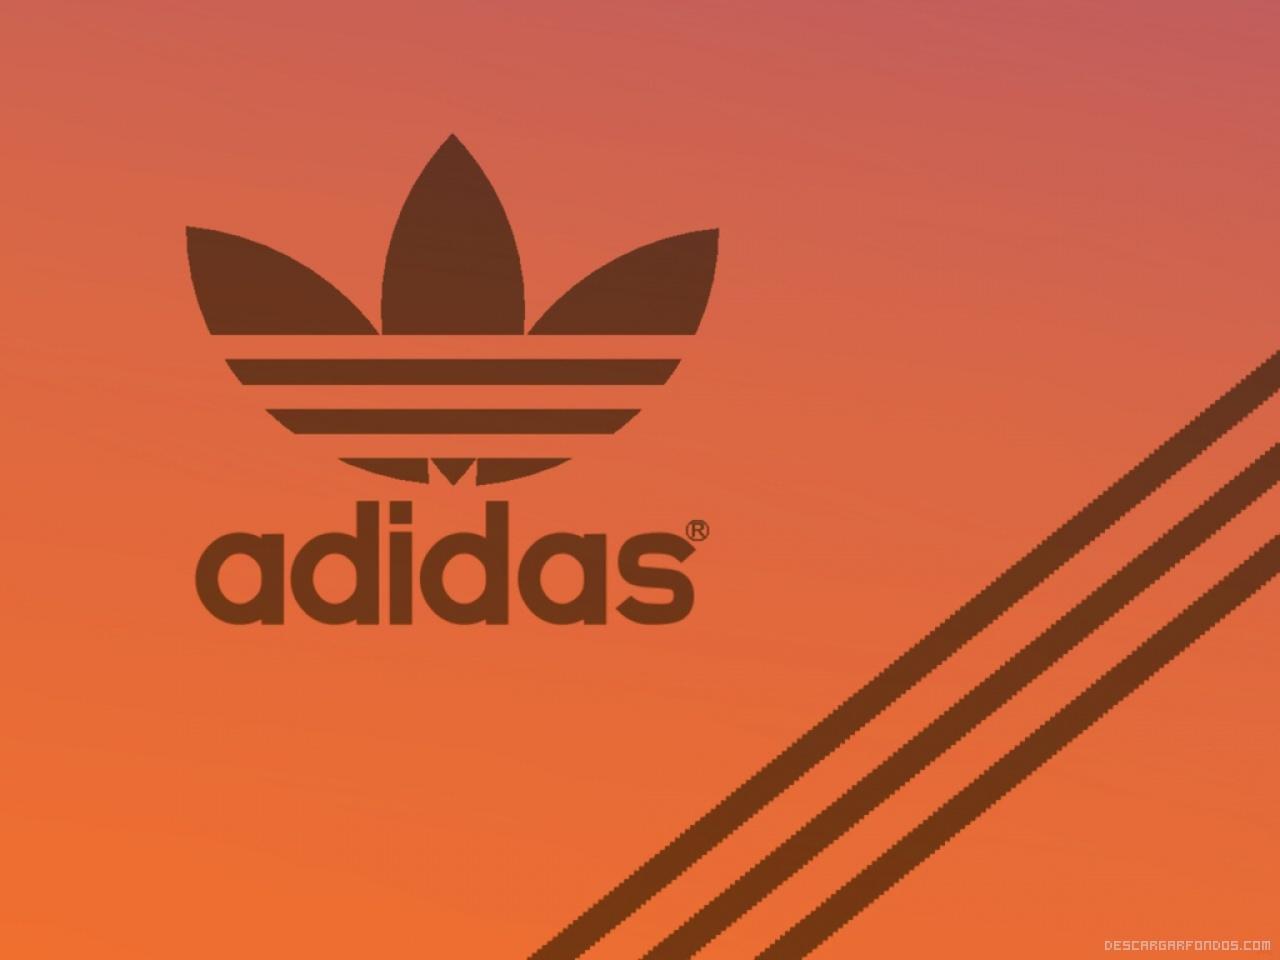 Imitación Traición Aptitud  Adidas   Descargar Fondos